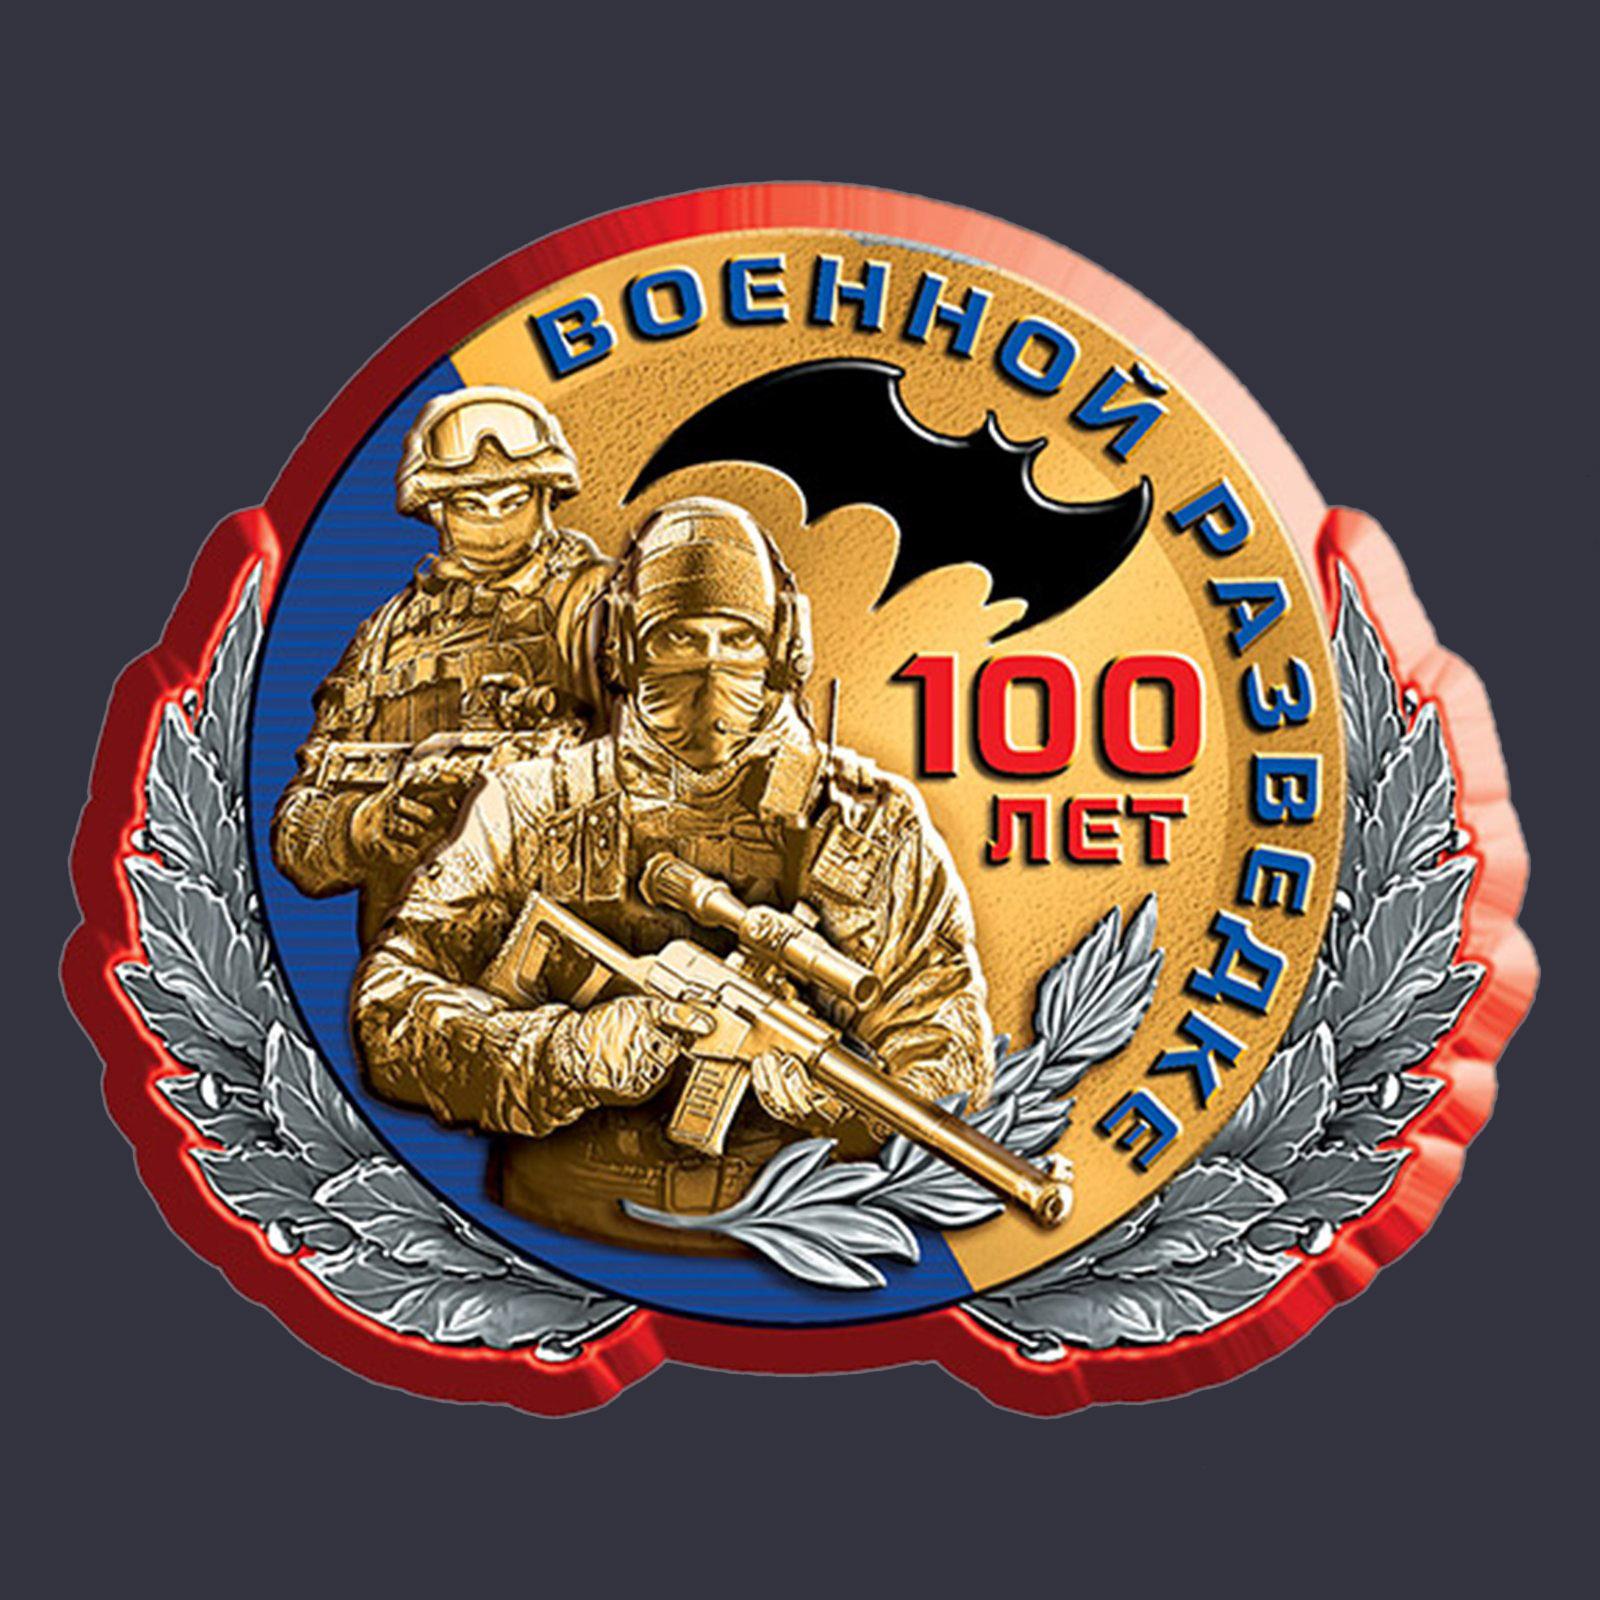 Купить трендовую темно-синюю бейсболку с термонаклейкой 100 лет Военной Разведке оптом выгодно